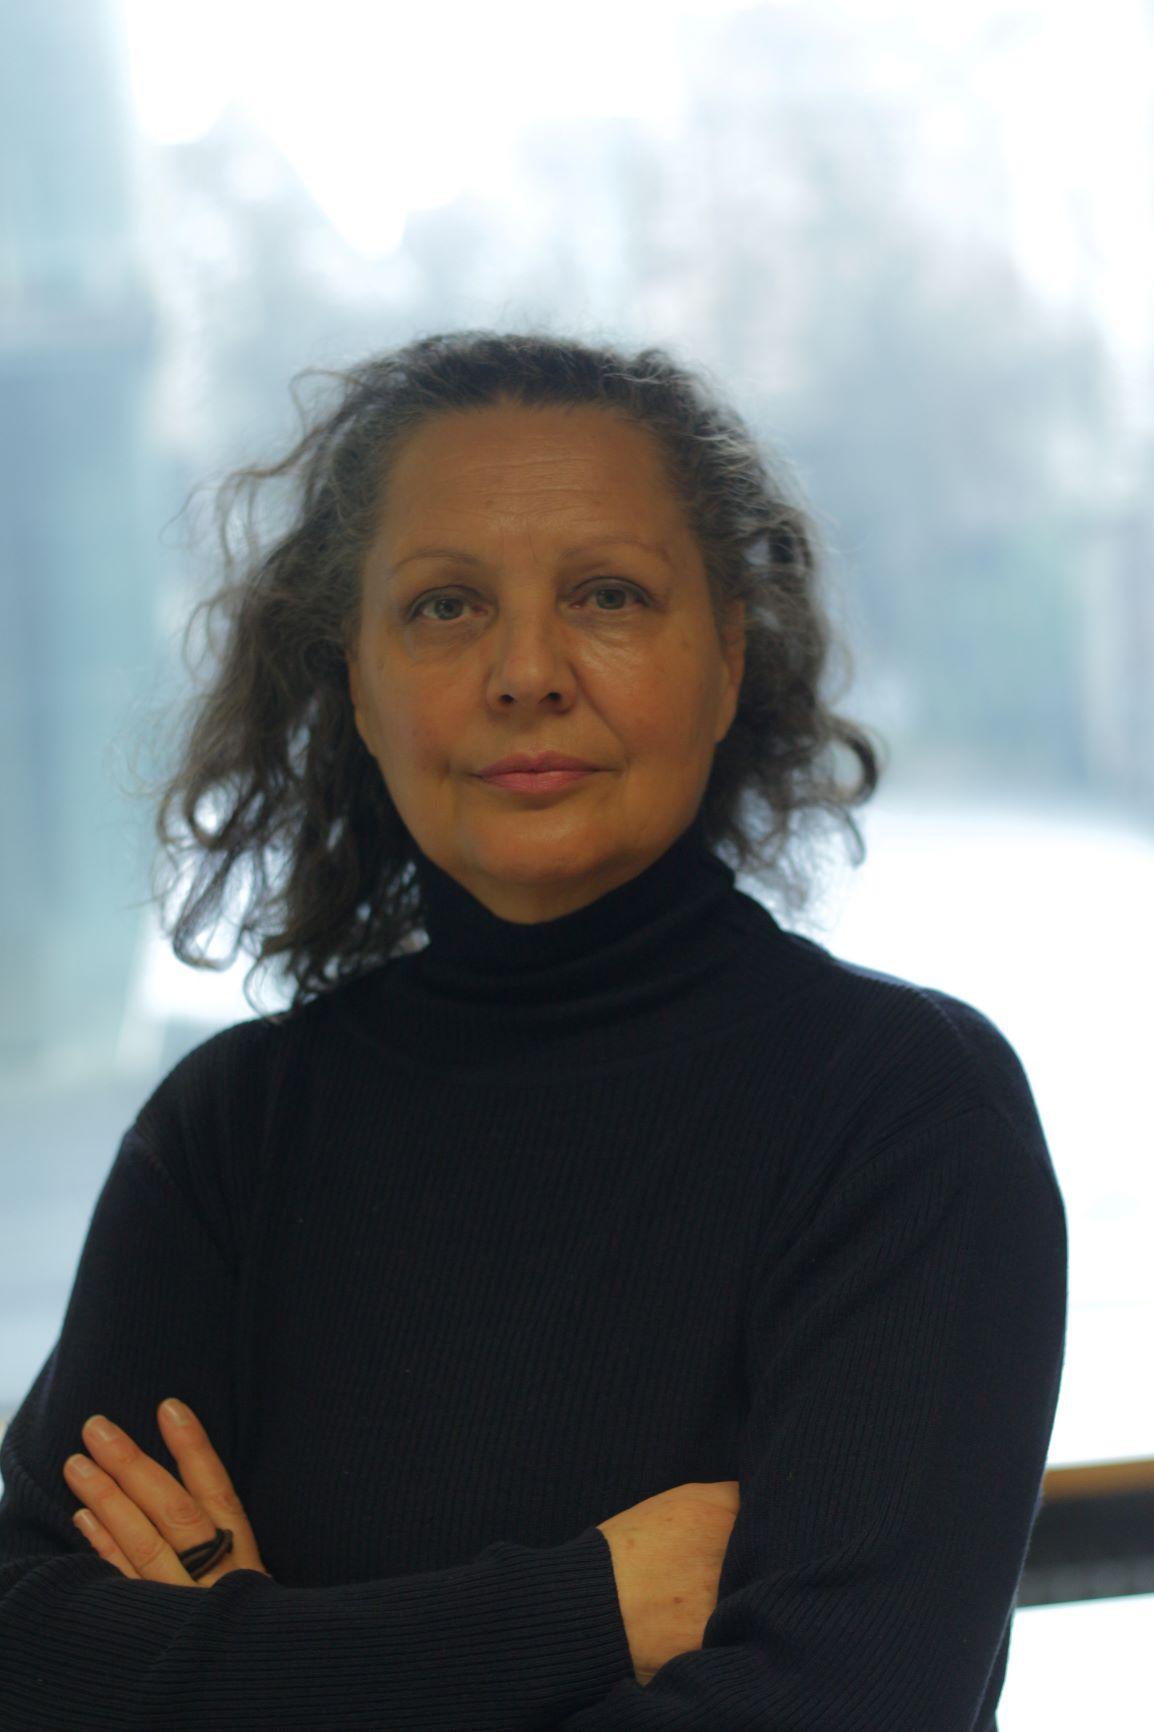 Telefonat mit Ulla Schuch, Deutsche Gartenakademie. Wähle Deinen Termin. Reserviere mit einem Klick.